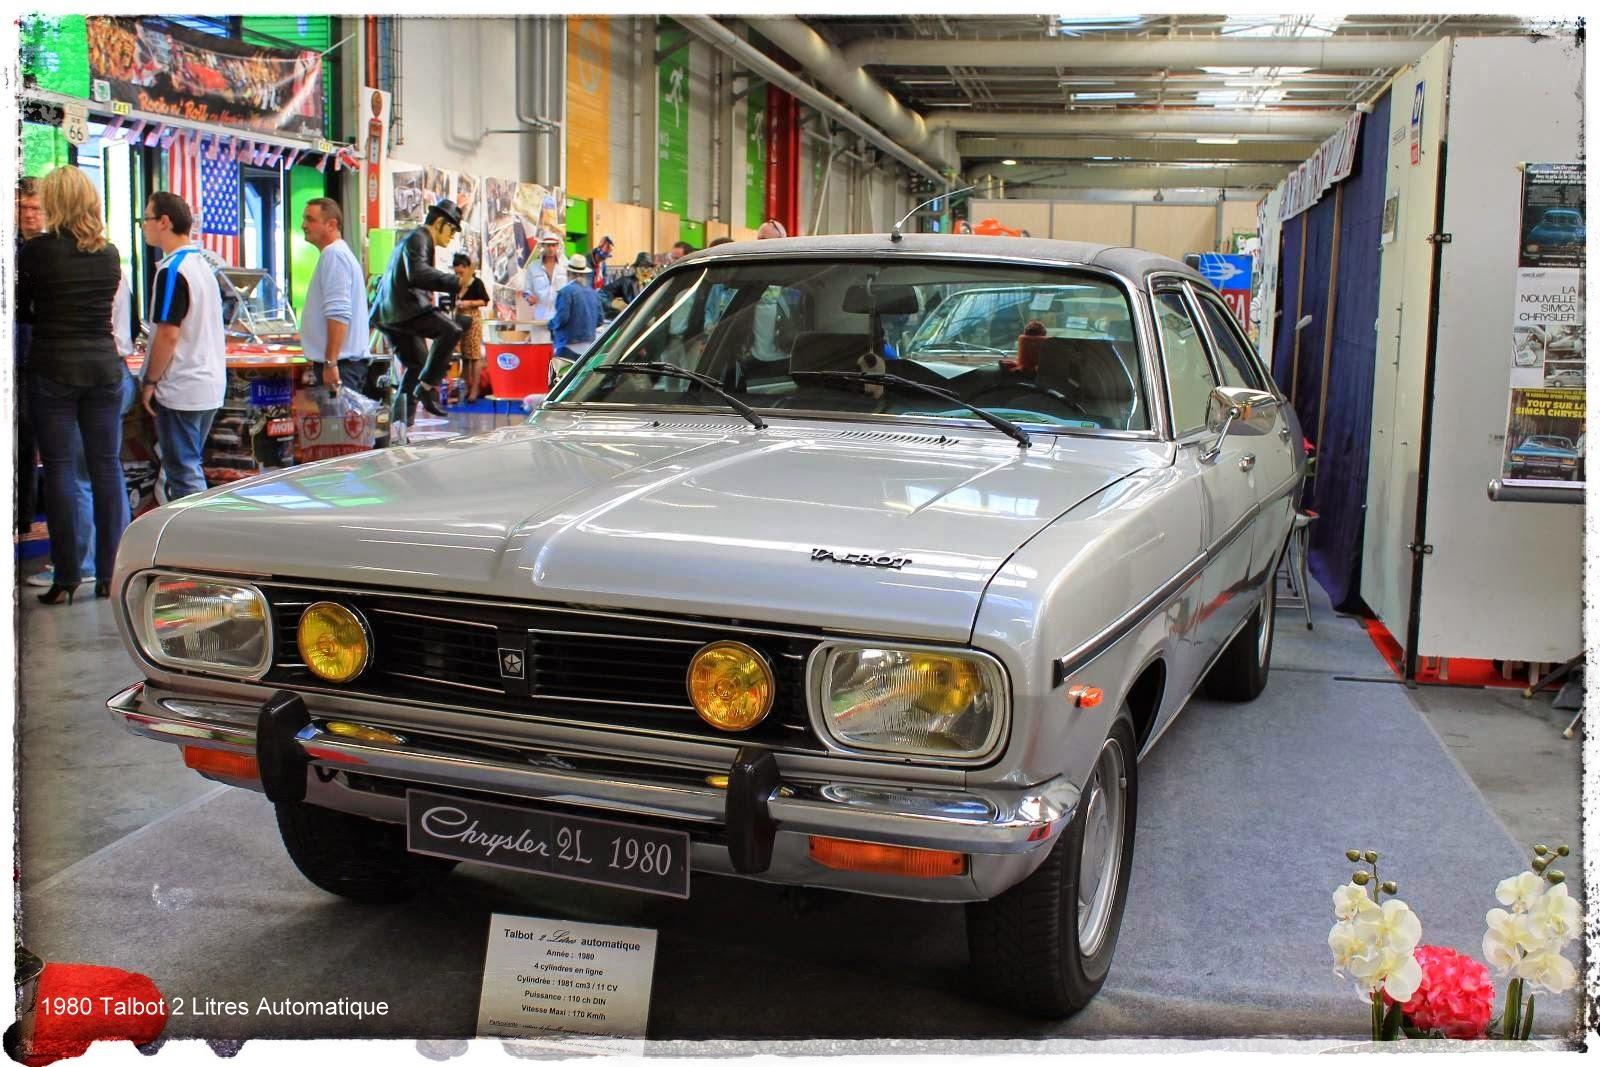 Automédon - 1980 Talbot 2 Litres Automatique